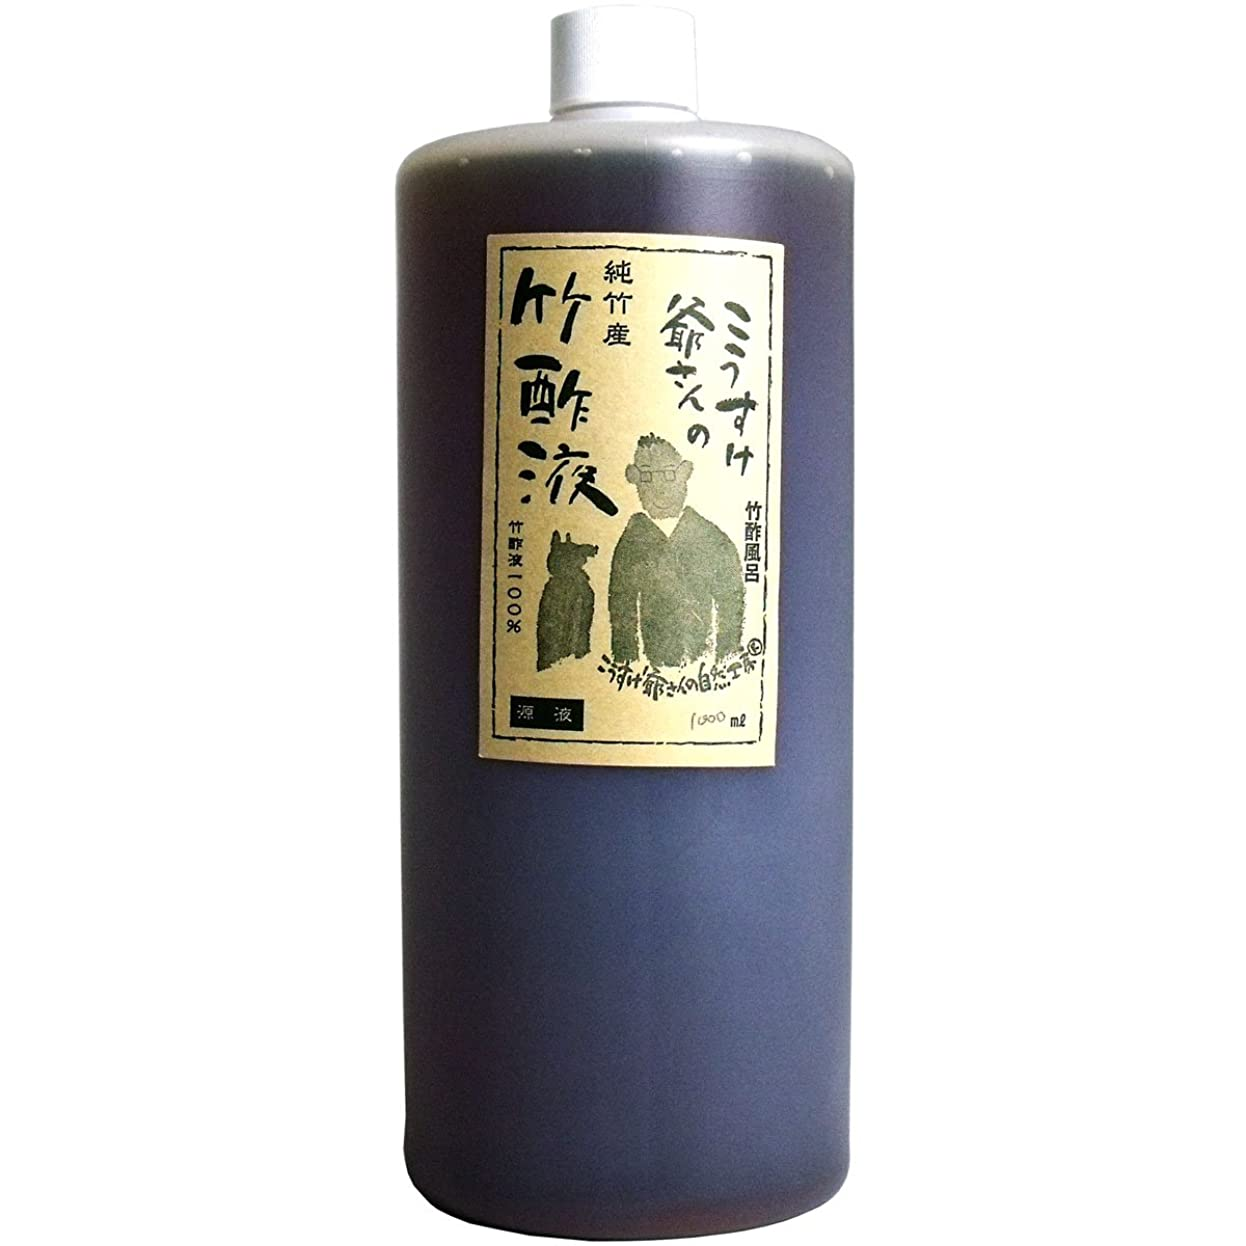 高くマーティンルーサーキングジュニアクロール除菌 足のお手入れにも最適 使いやすい こうすけ爺さんの純竹産 竹酢液100%原液 竹酢風呂 1000mL【4個セット】